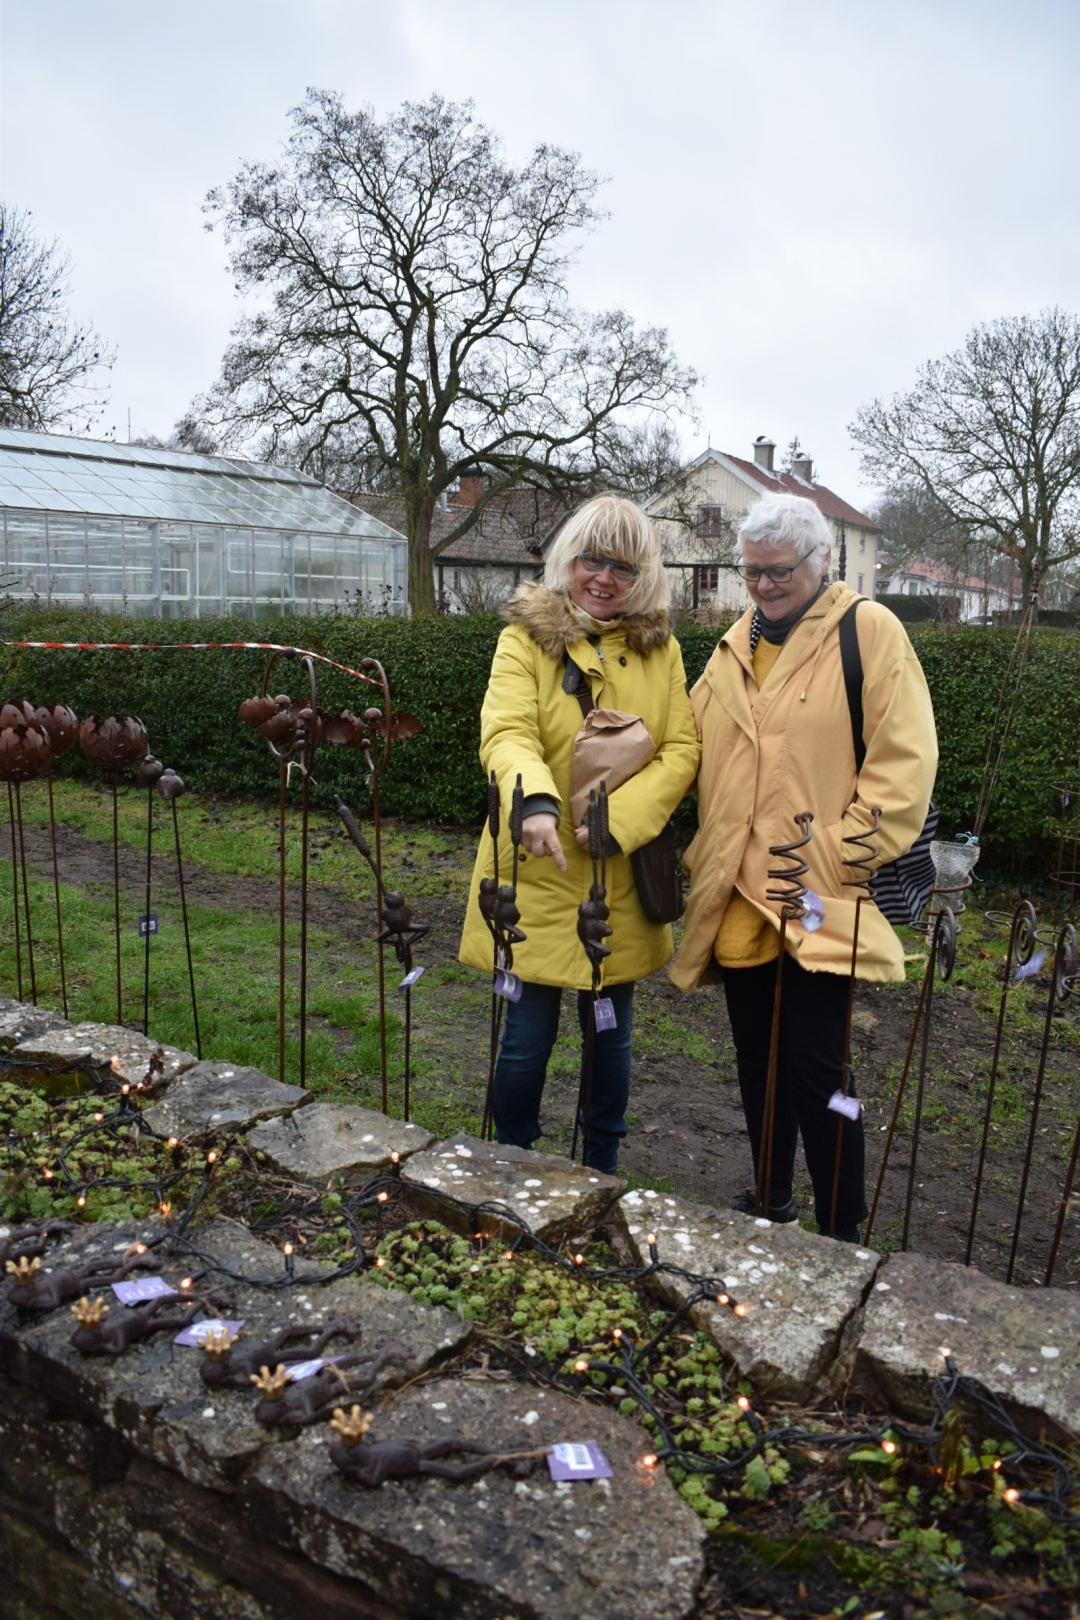 Carin Persson och Barbro Karpe letade efter något uppiggande pynt till trädgården och hittade tillslut en fin groda.